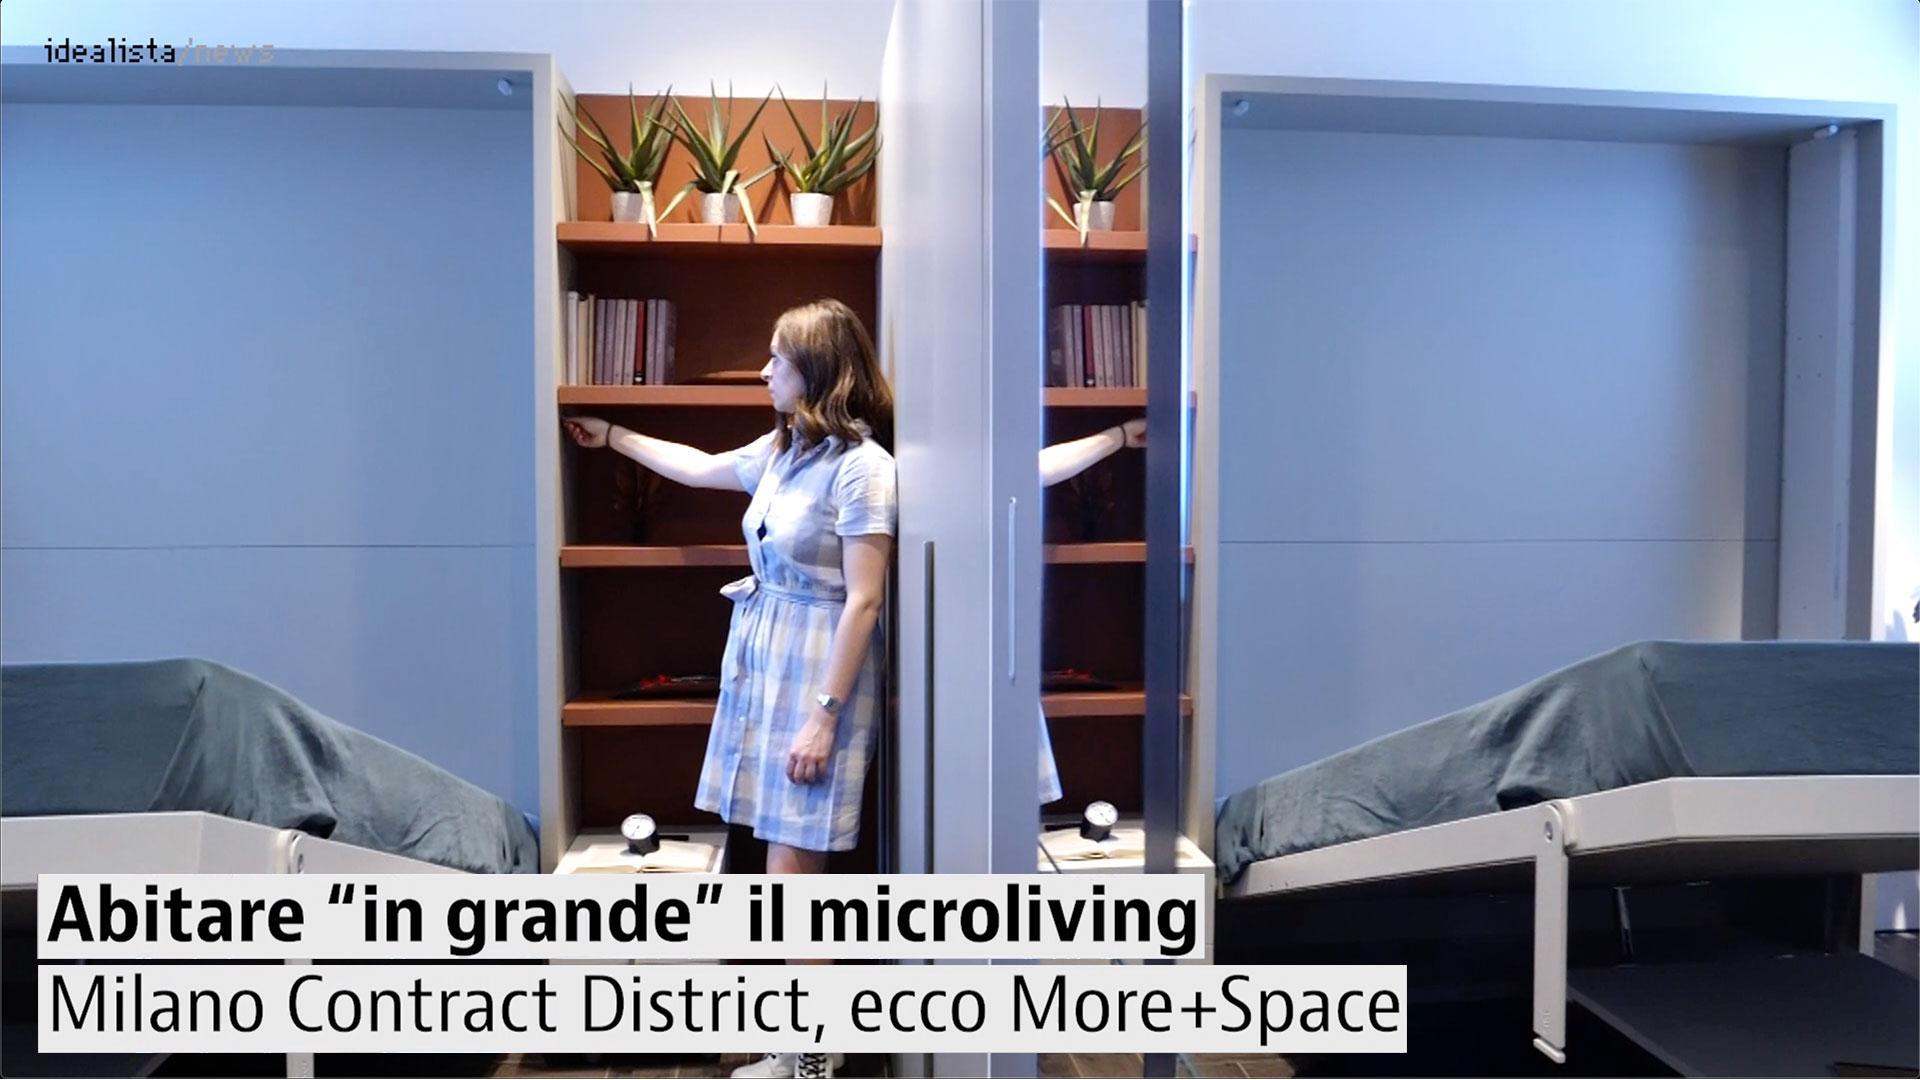 More+Space, il microliving del Milano Contract District